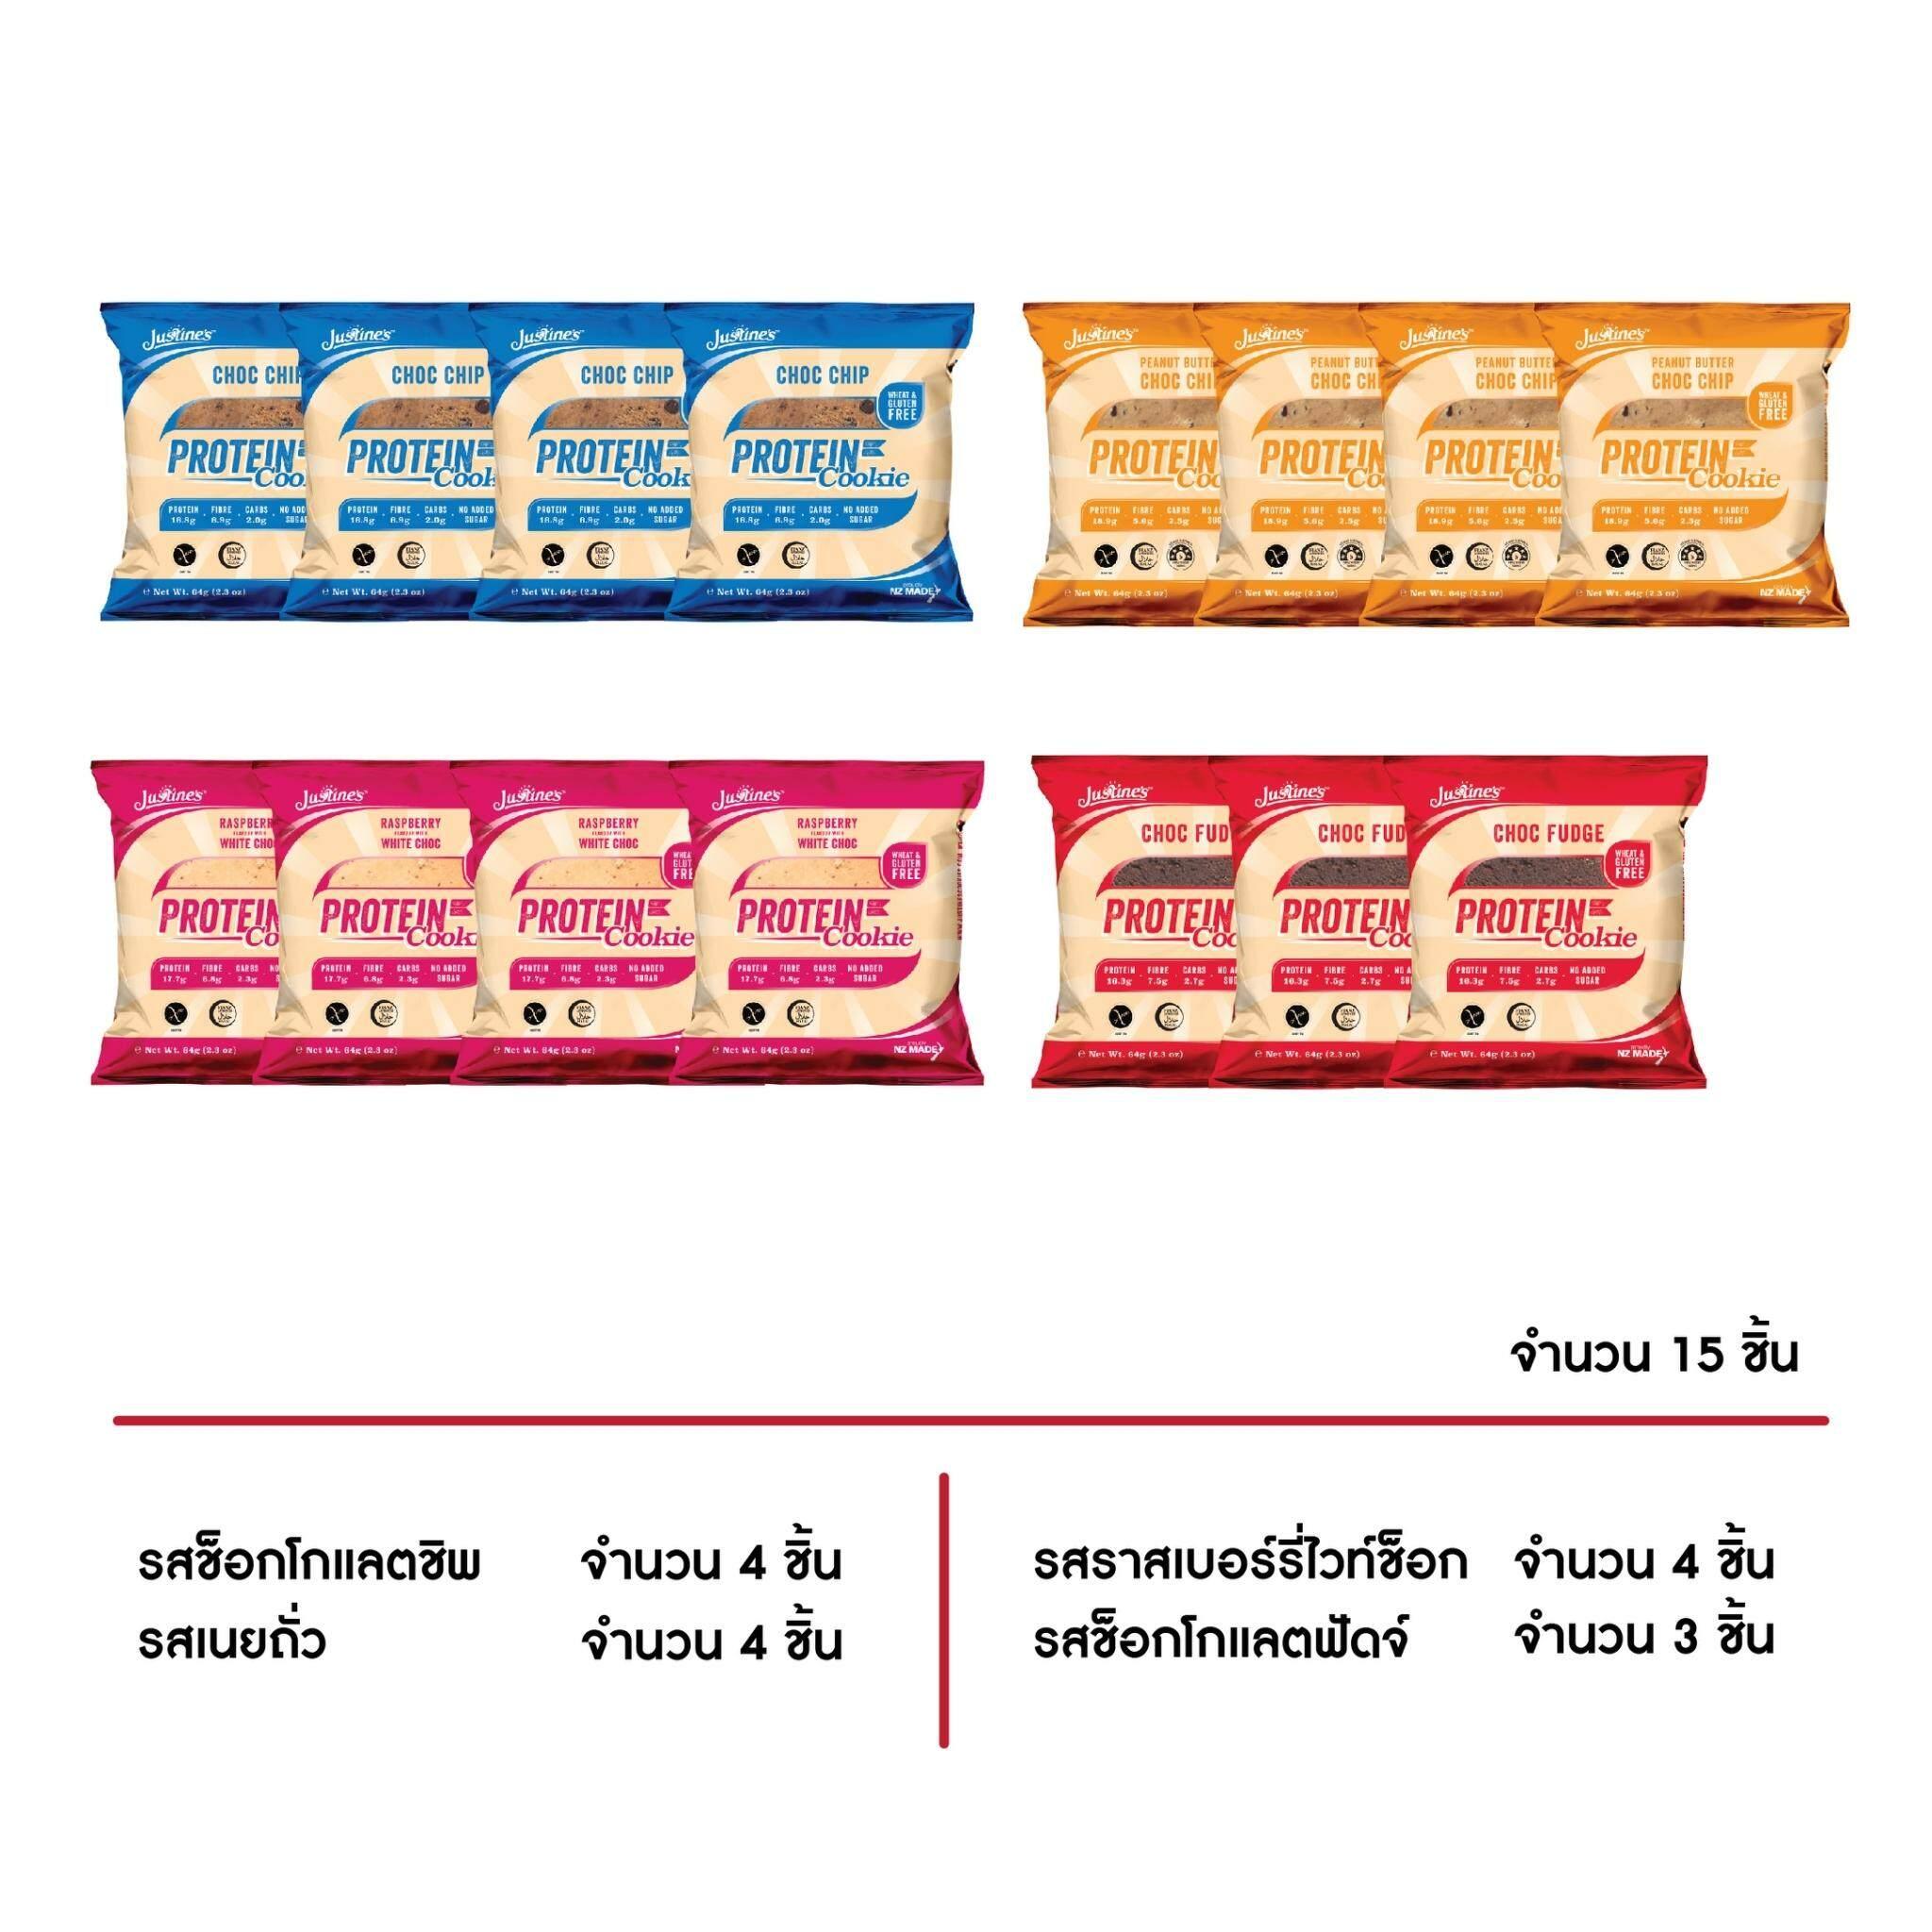 ๋๋justines Cookies ผลิตภัณฑ์ทานแทนมื้ออาหาร ลดน้ำหนัก เซ็ท 30 วัน By Healthy Slim Meal.